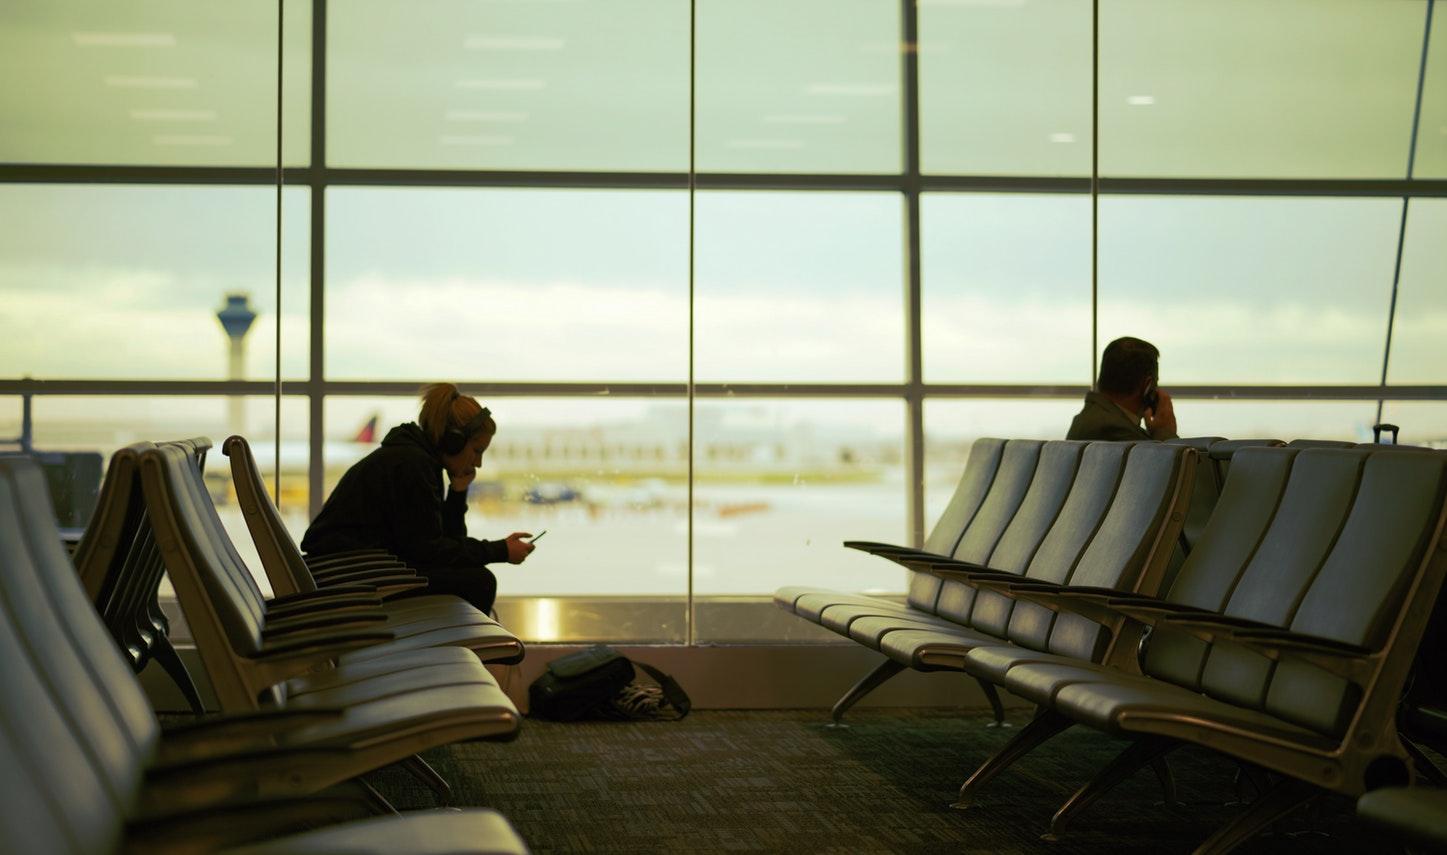 5 dicas para evitar problemas no aeroporto